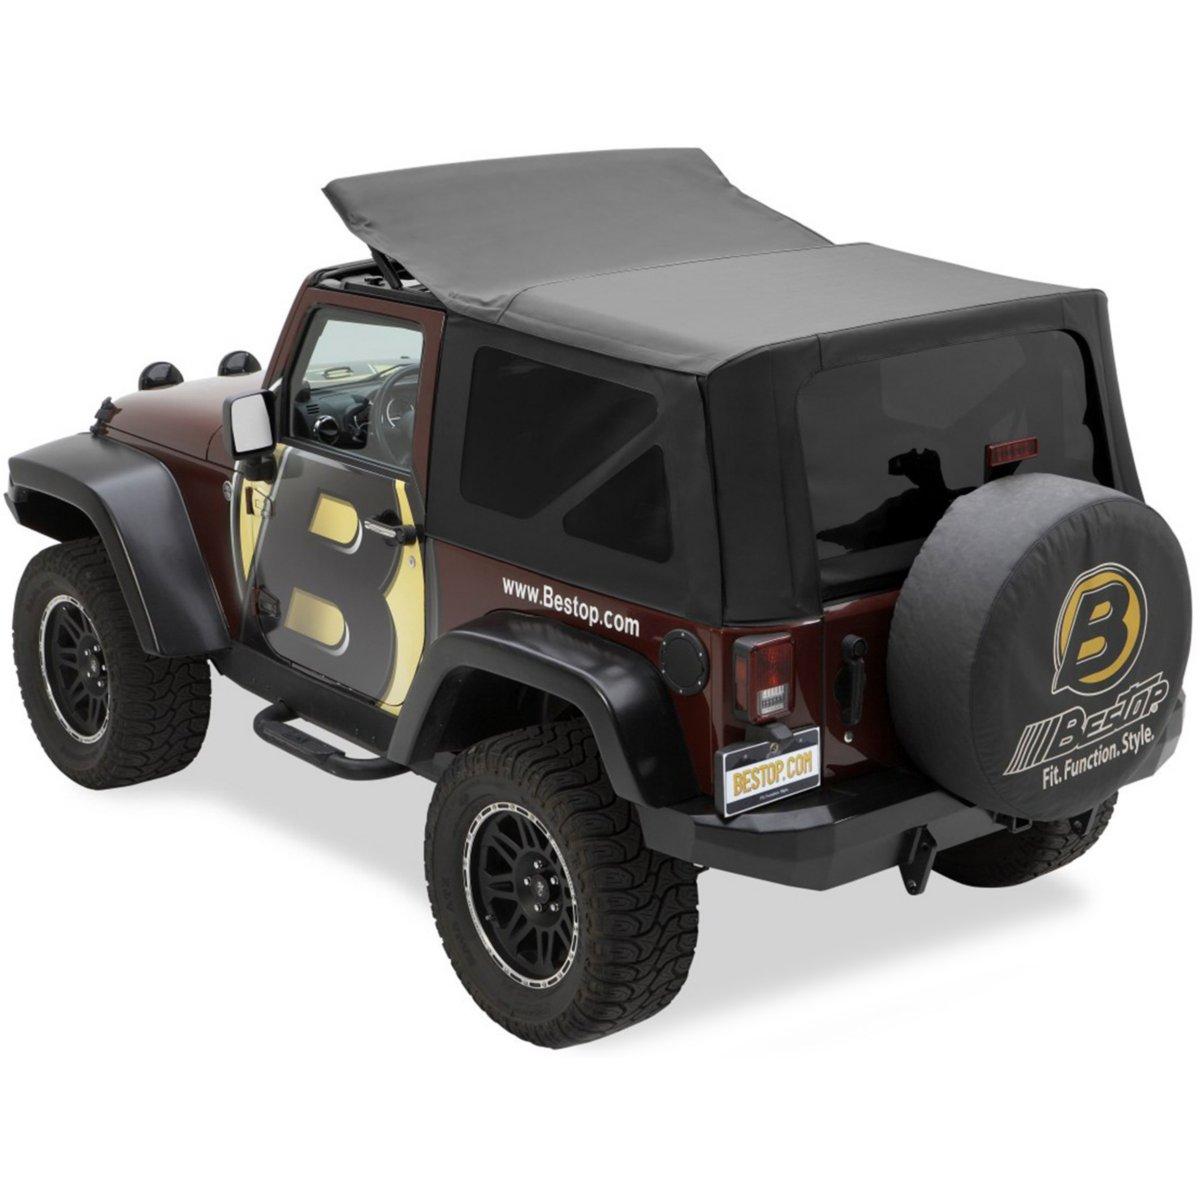 bestop soft top new black jeep wrangler 2011 2014 79146 35 ebay. Black Bedroom Furniture Sets. Home Design Ideas